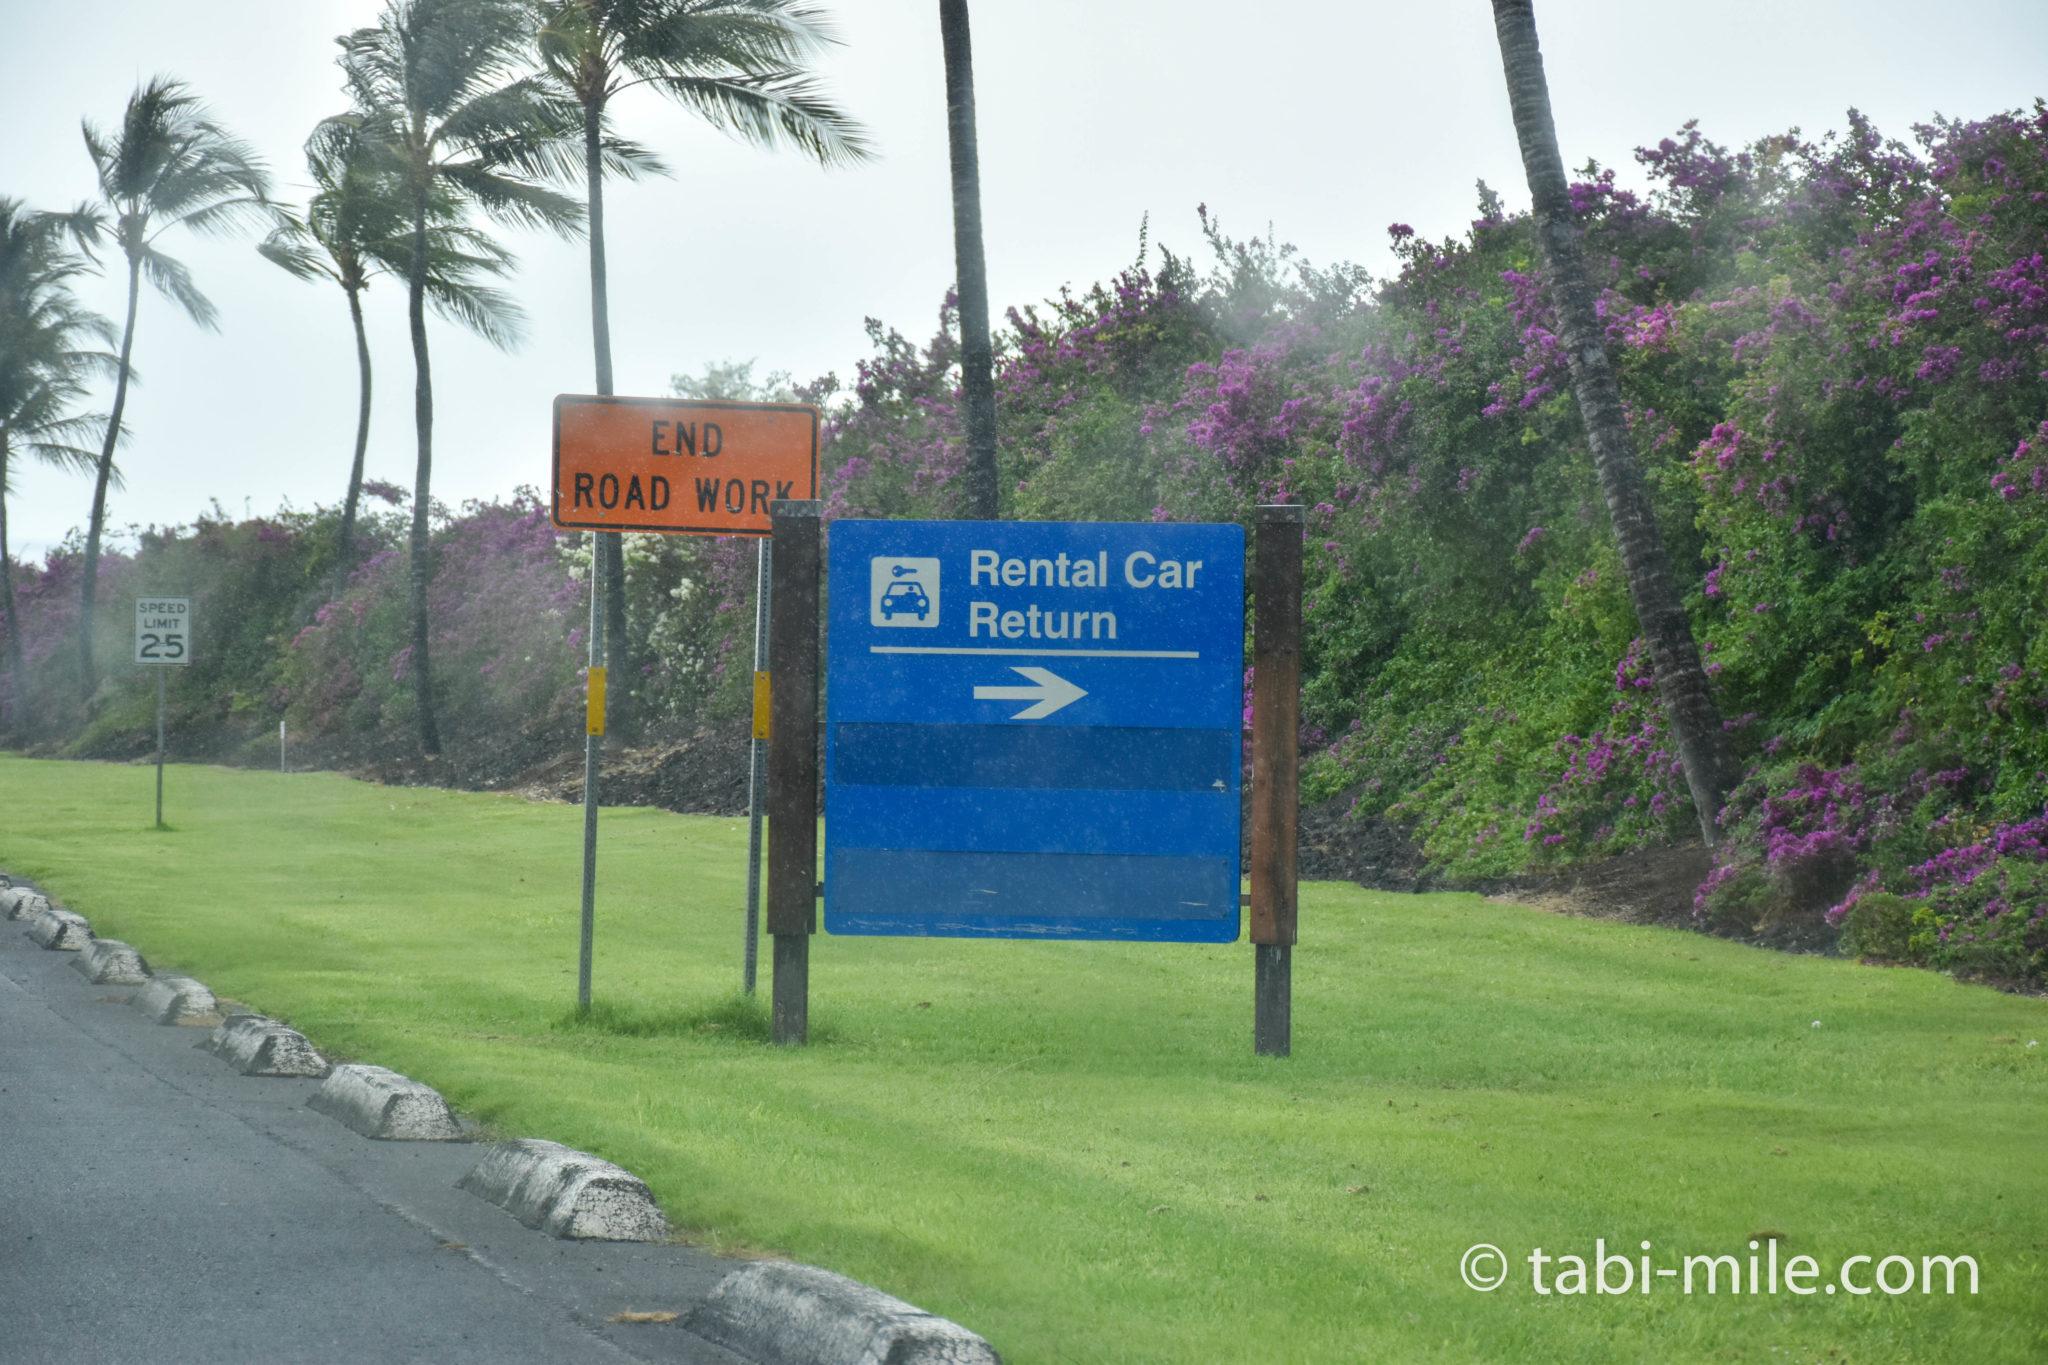 ハワイ島レンタカー